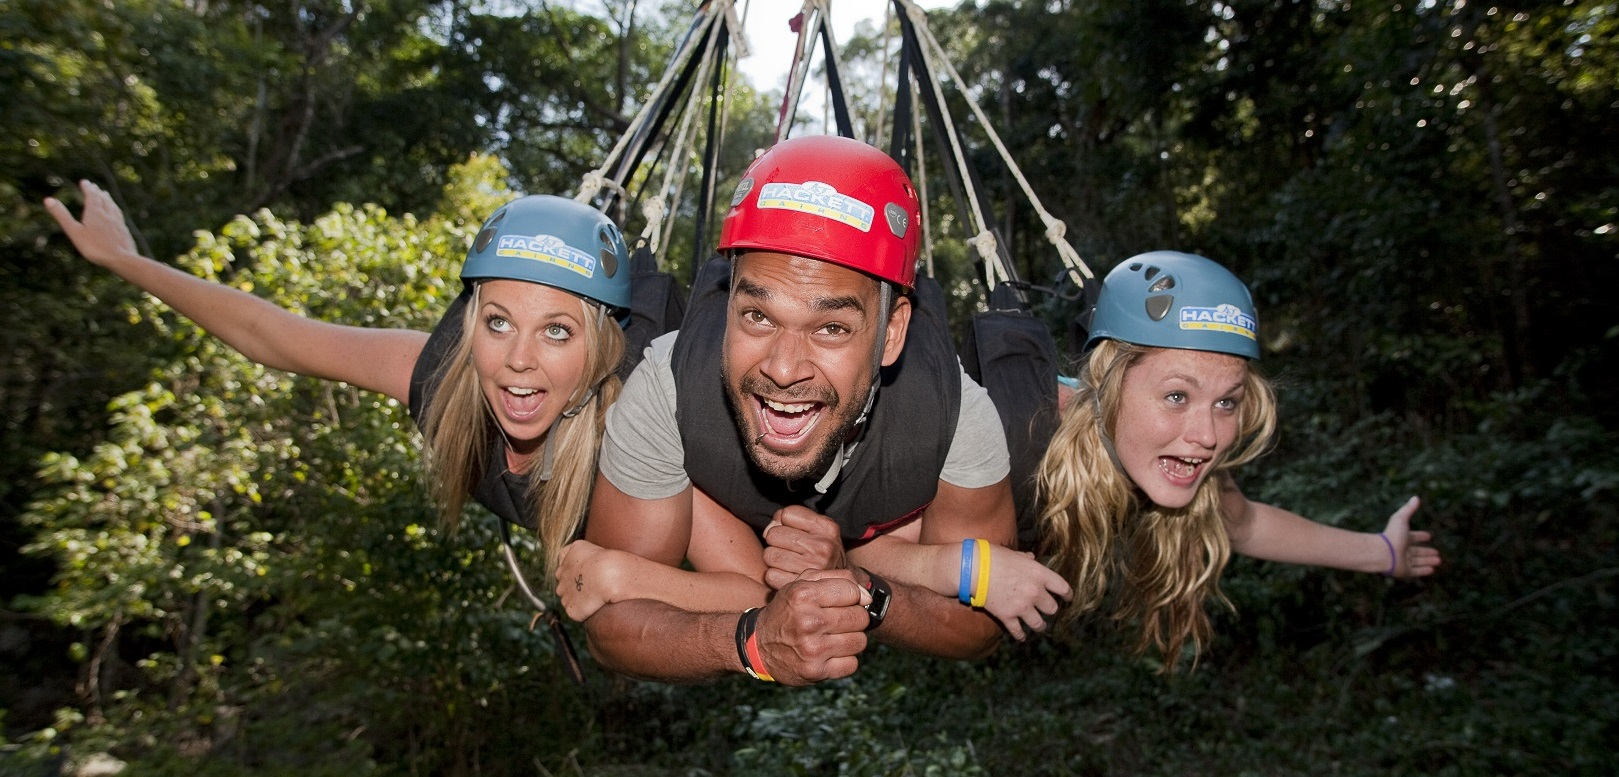 AJ Hackett: Giant Jungle Swing